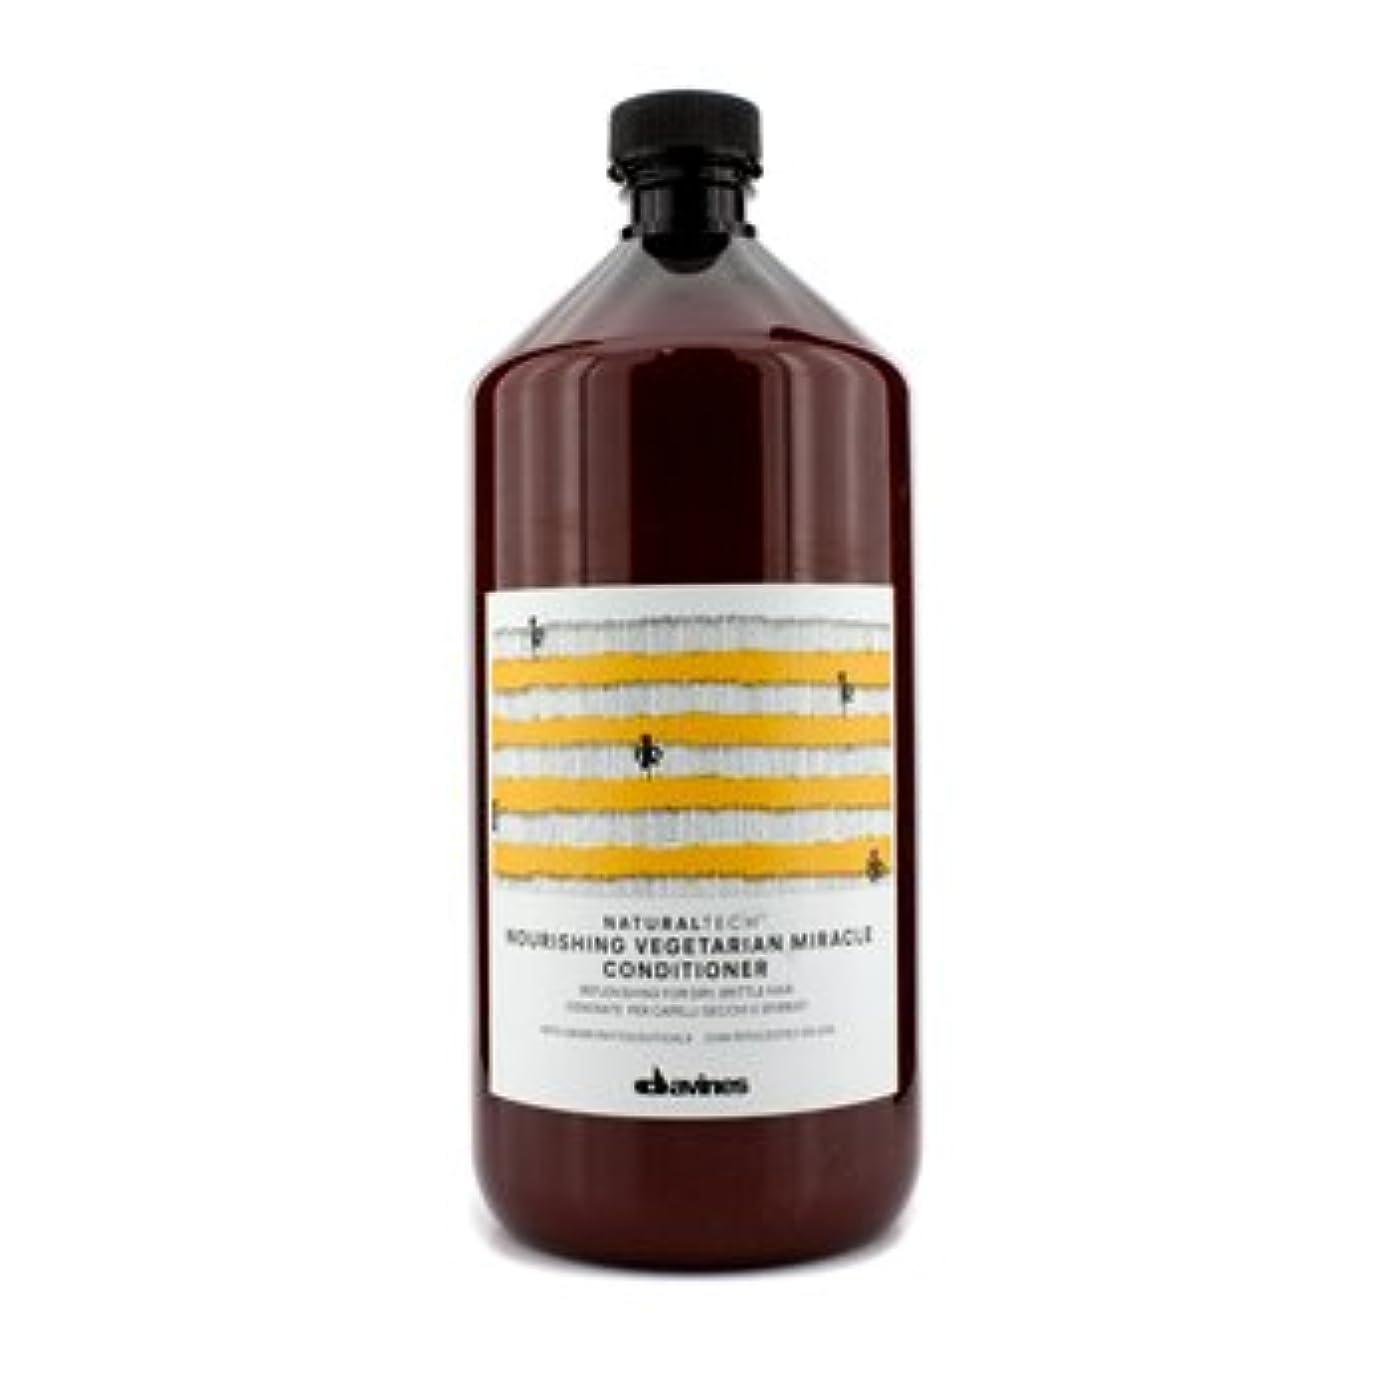 等々論理レプリカダヴィネスNatural Tech Nourishing Vegetarian Miracle Conditioner (For Dry, Brittle Hair) 1000ml/33.8oz【海外直送品】